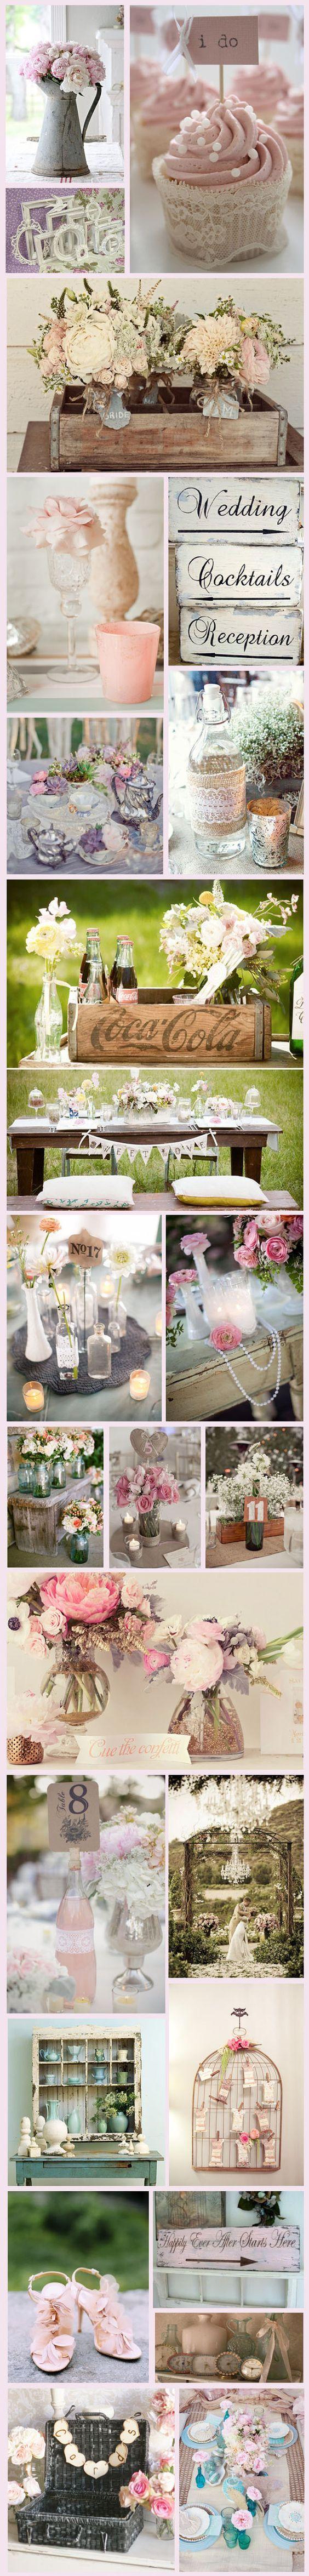 Vintage and pastel wedding inspiration - laiks gatavoties kāzu sezonai! :)  https://www.pier.lv/lv/product/1972 un daudzi citi jaunumi :)